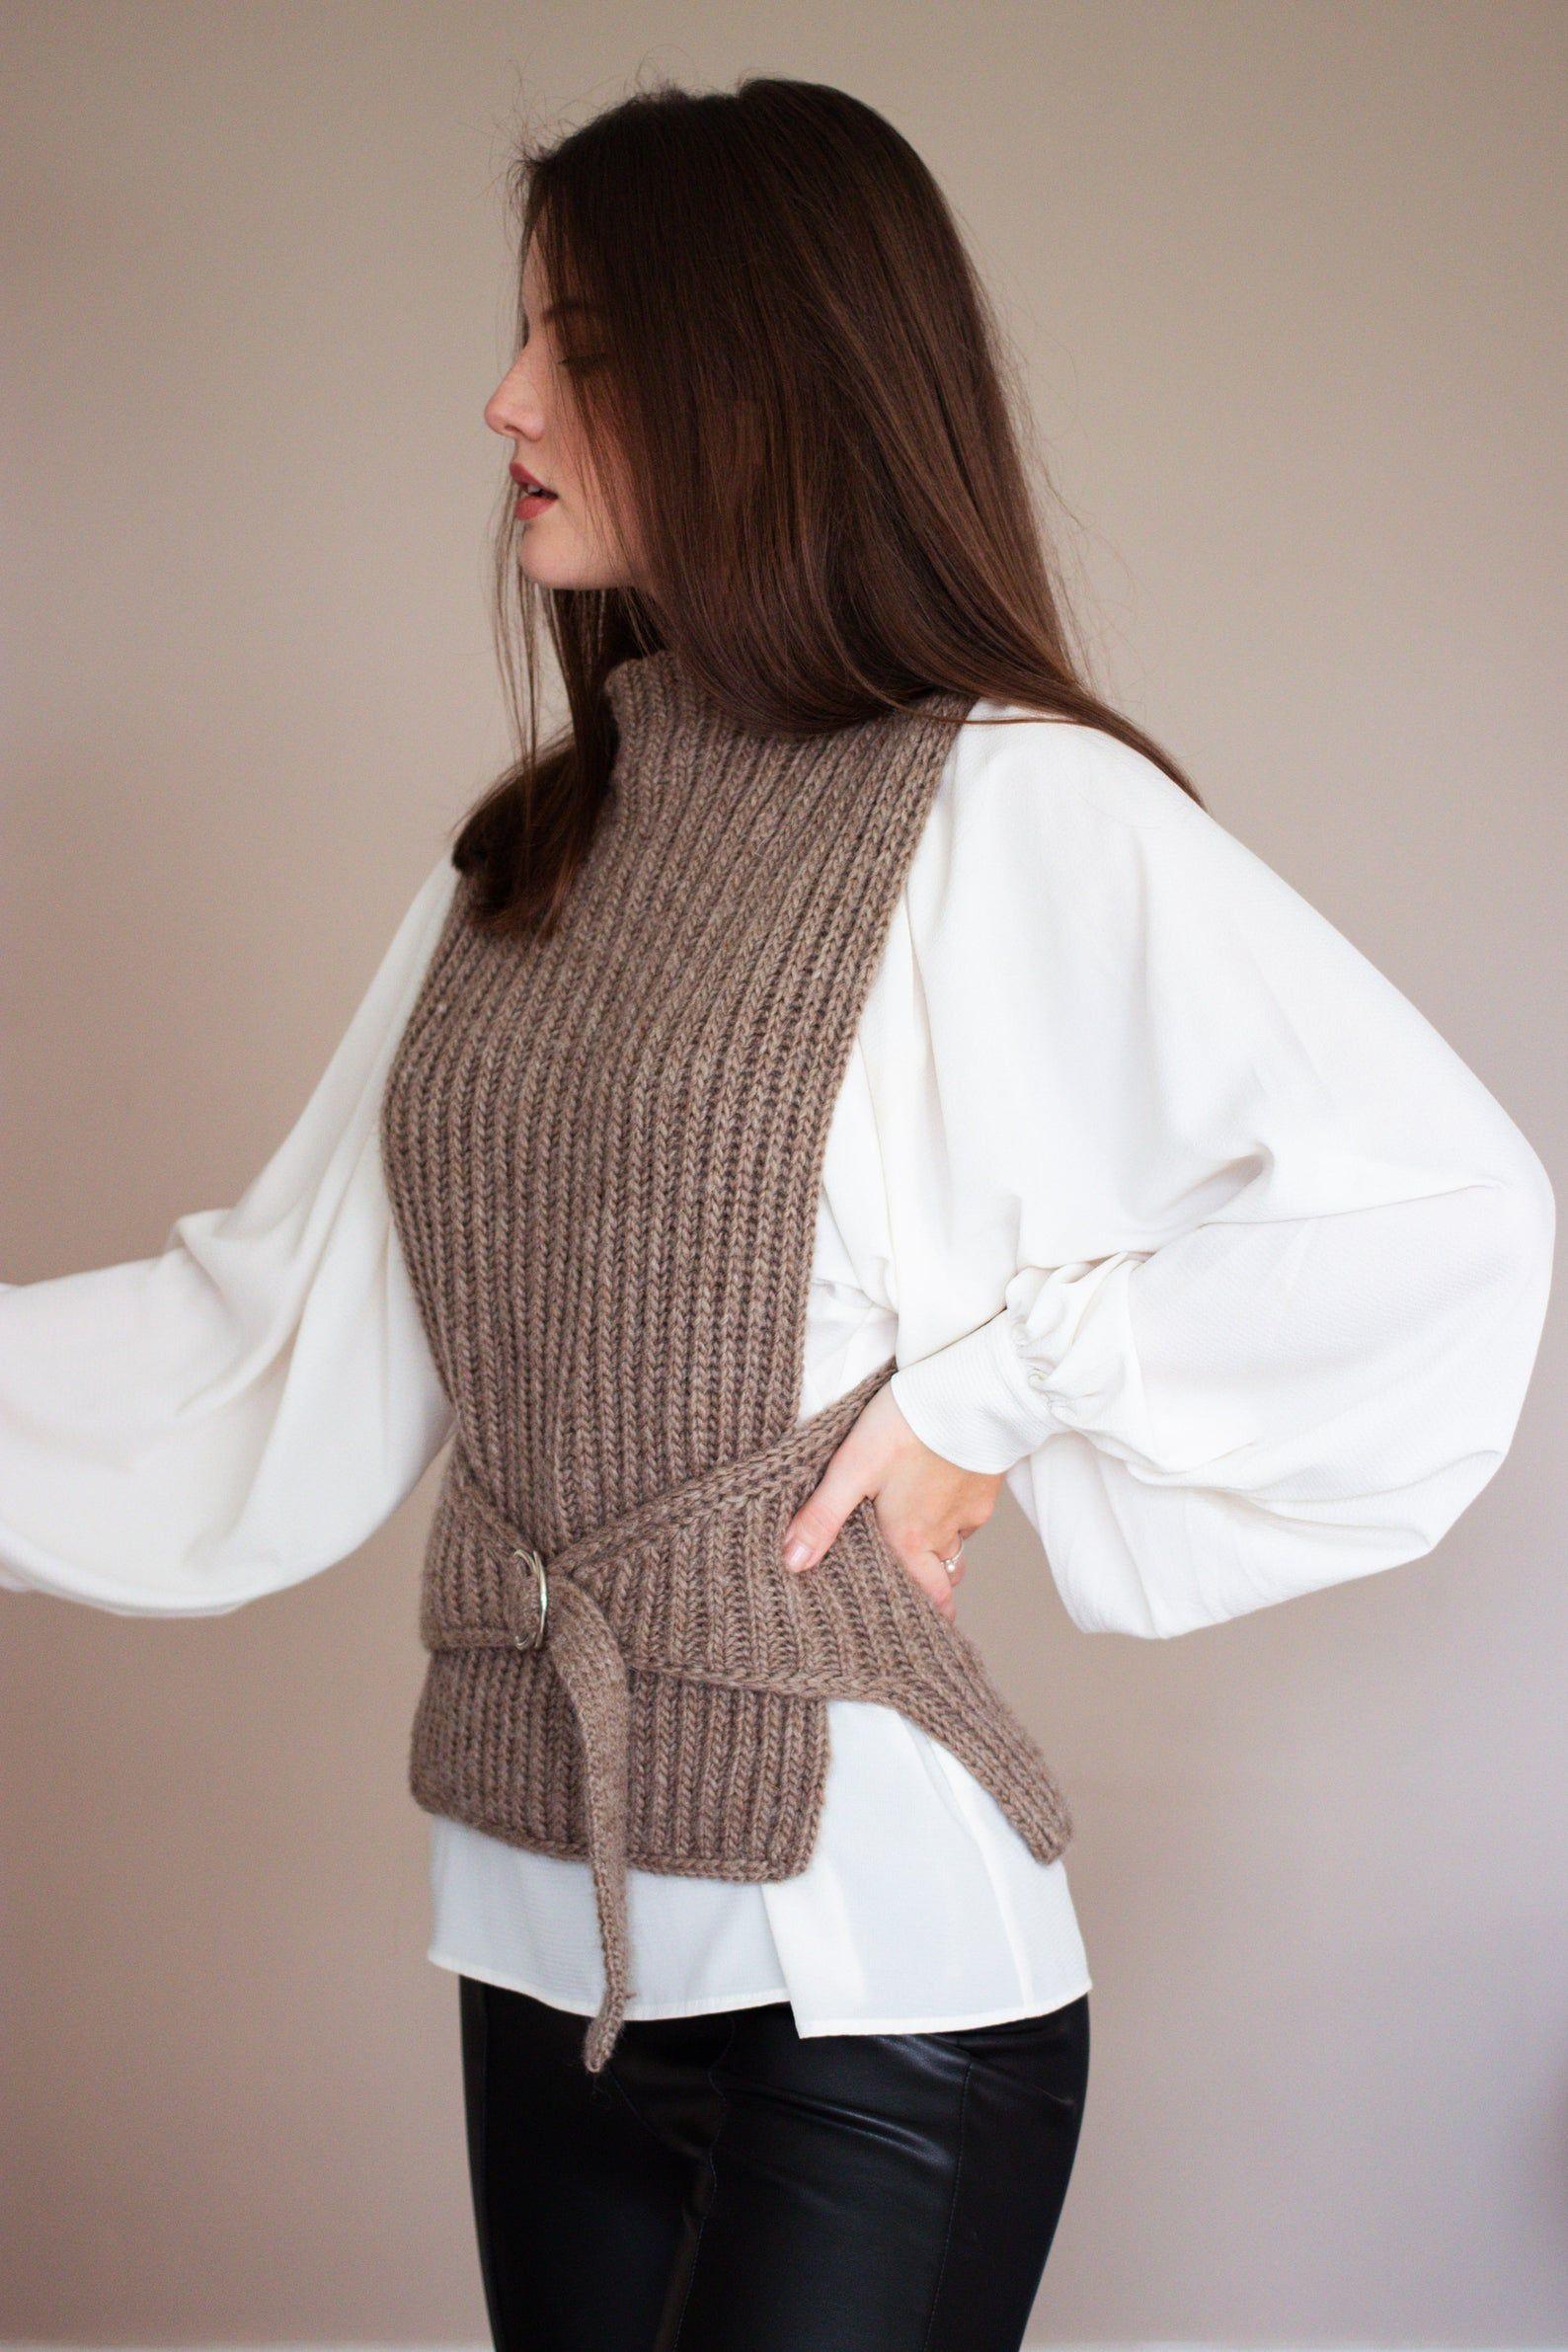 Livingstone Vest knitting pattern